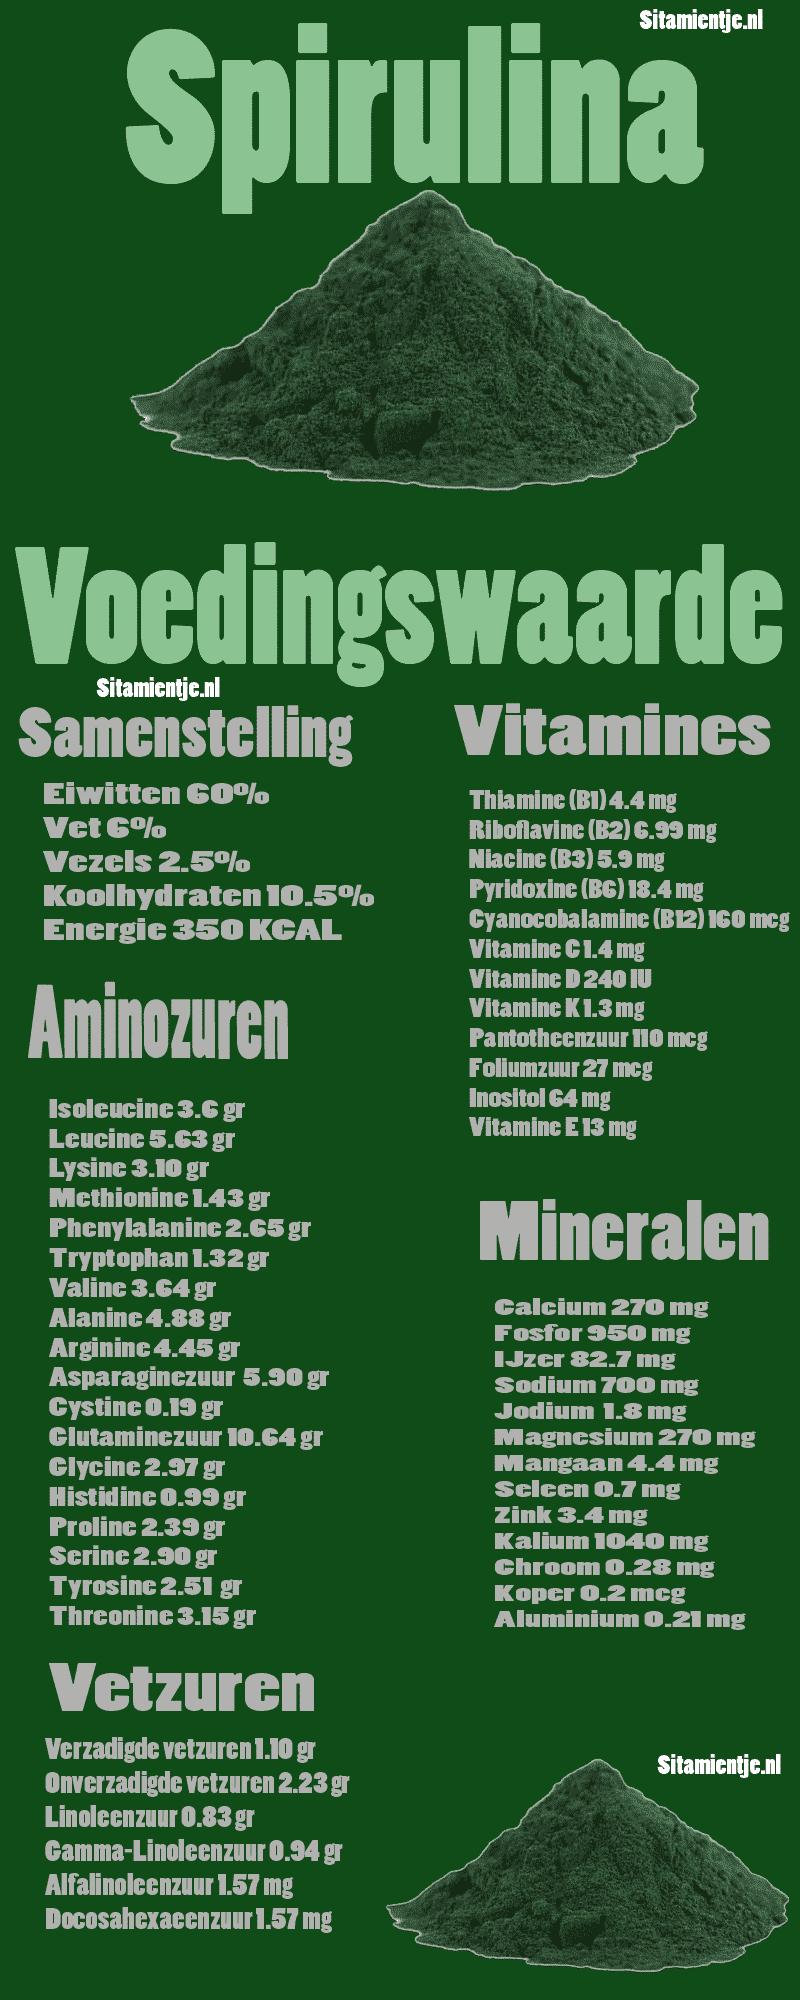 voedingswaarde spirulina